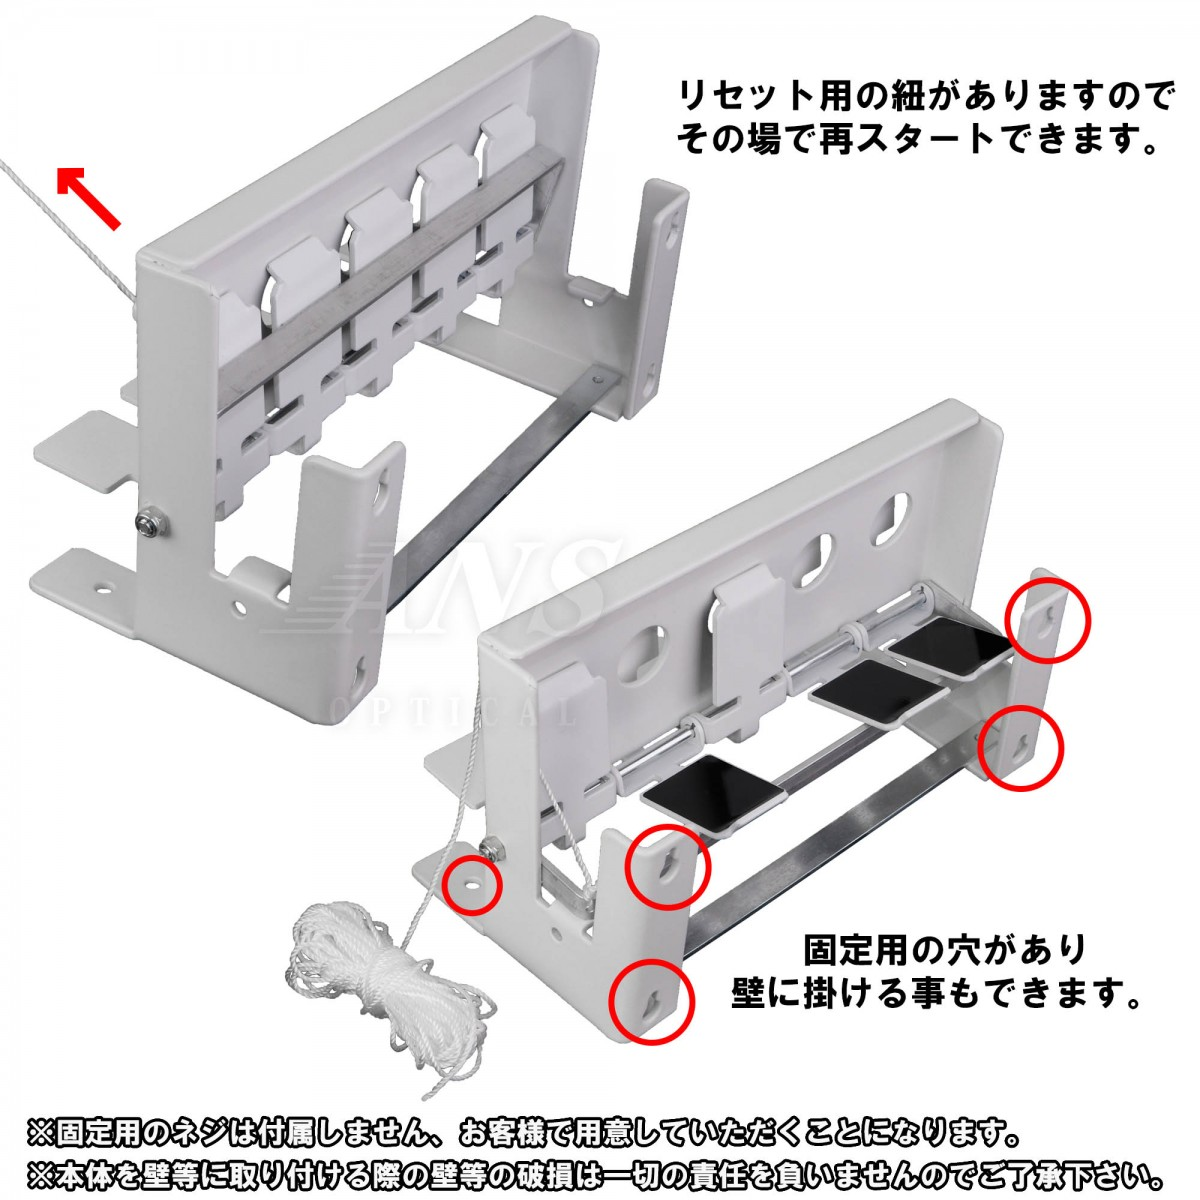 ANS Optical 鉄製 シューティングターゲット ホワイト 標的 的 壁掛け可能